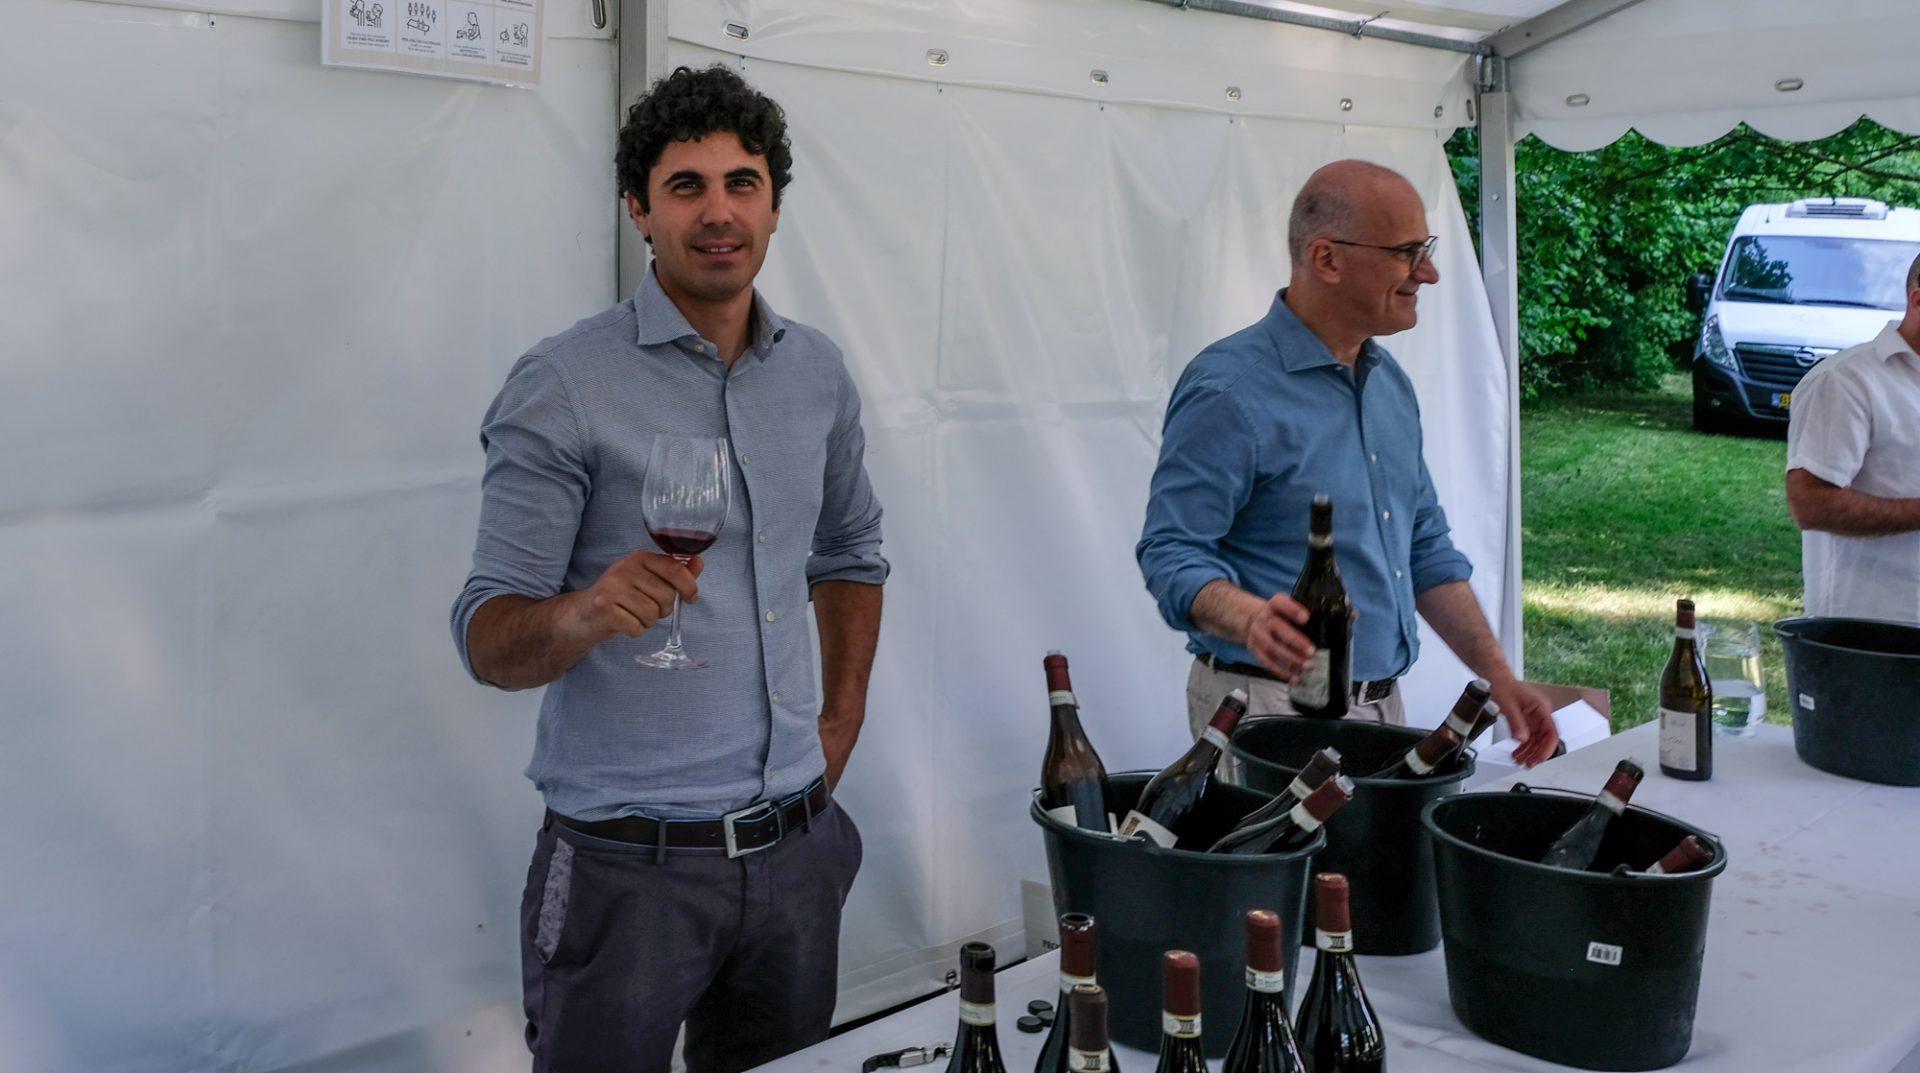 Aarhusiansk vinhandel: Omhyggelighed er opskriften på hundredvis af testvinder-vine